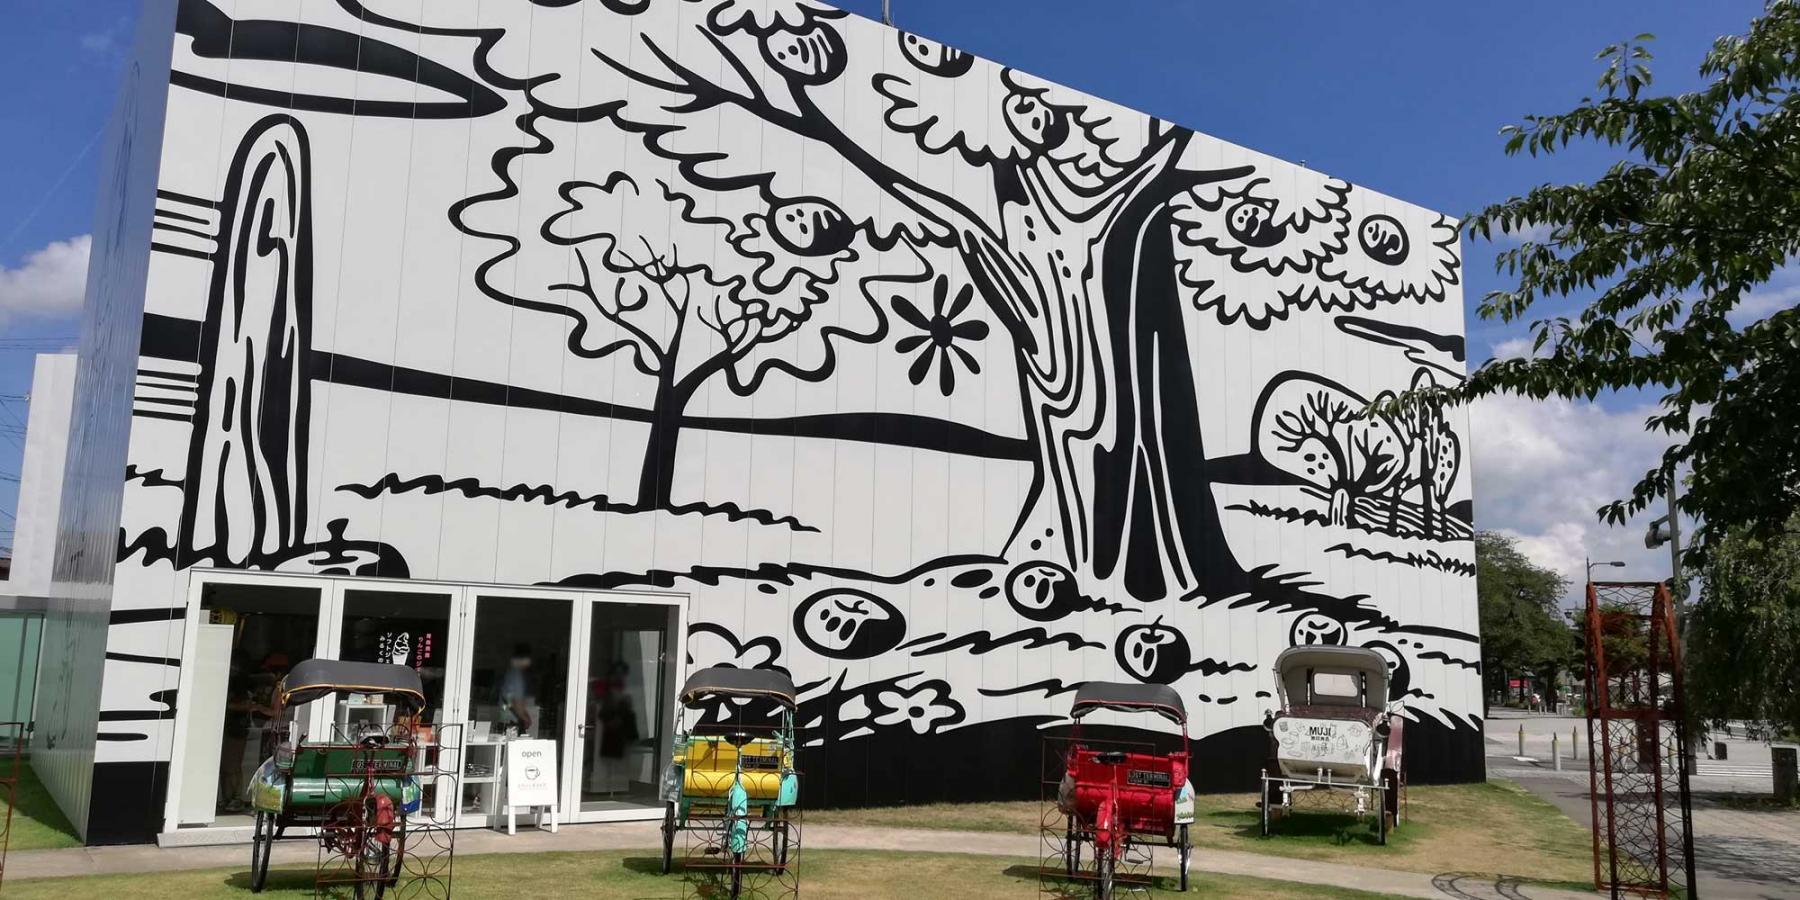 十和田市現代美術館の外観です